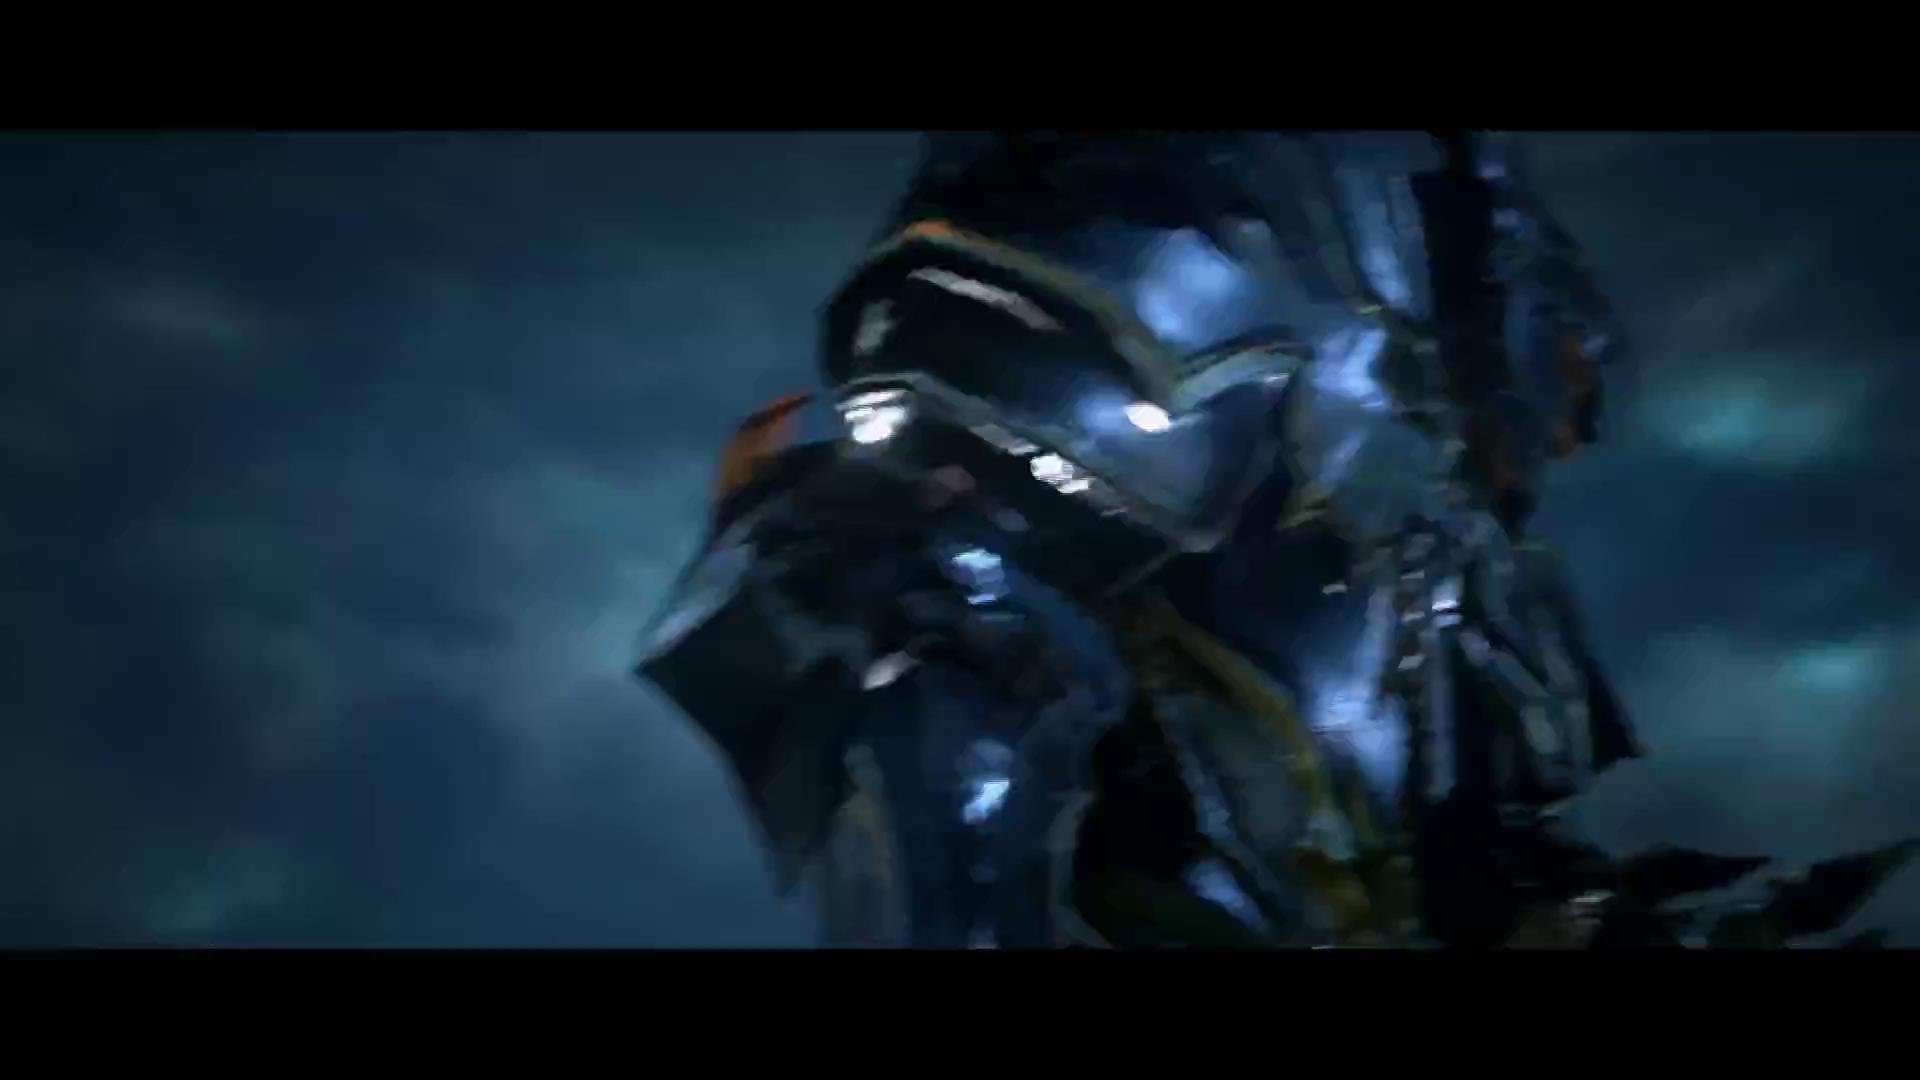 Nóng mắt với nữ thần chết xuất hiện trong trailer Aion, tuy nhiên bạn nên cẩn thận với nàng ta